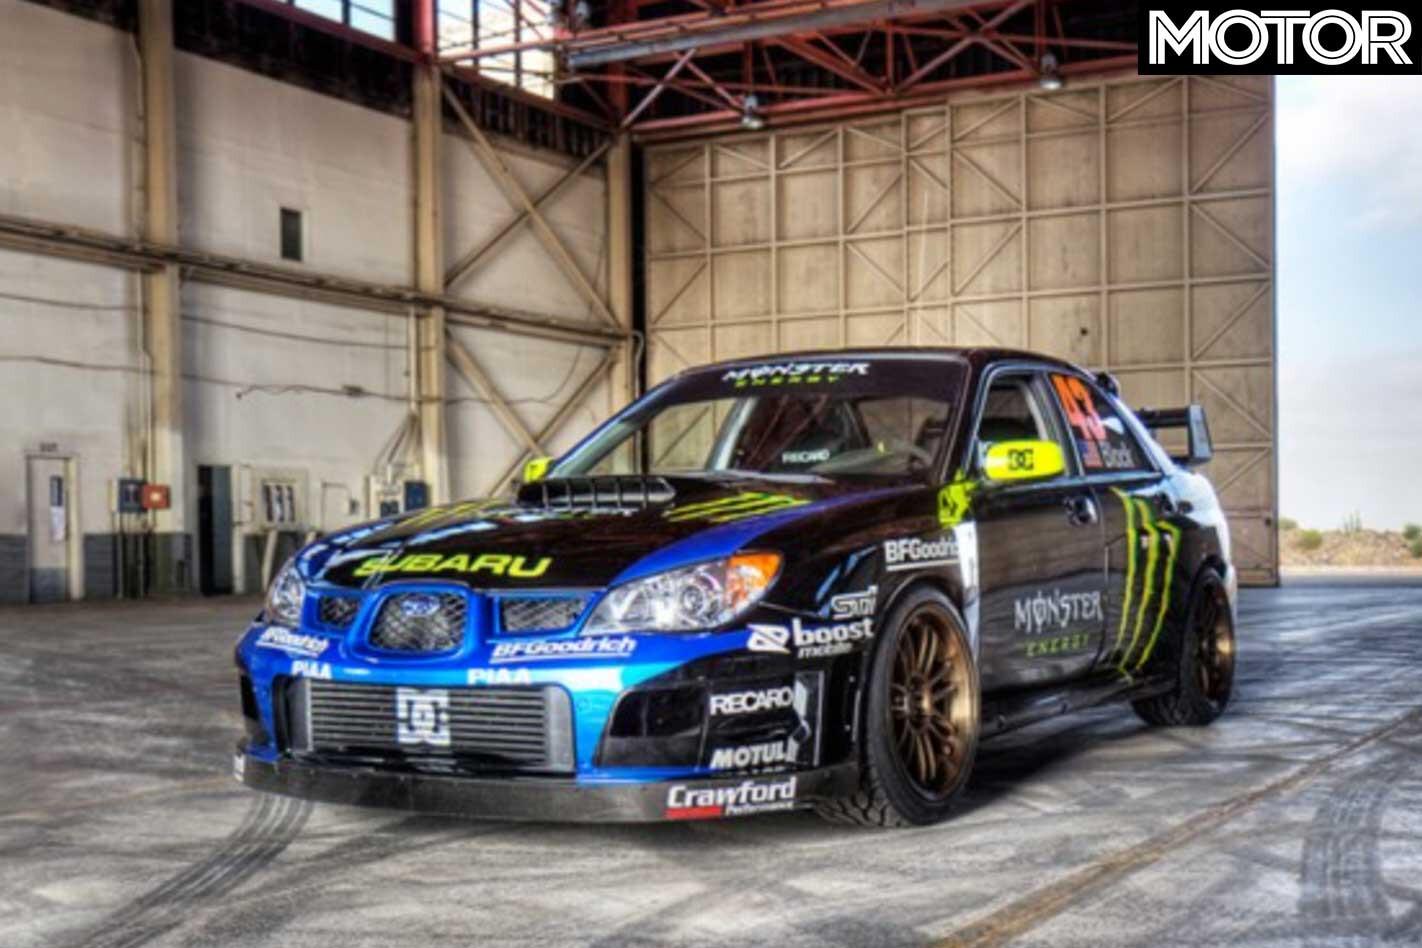 2006 Subaru Impreza WRX STI Gymkhana Jpg